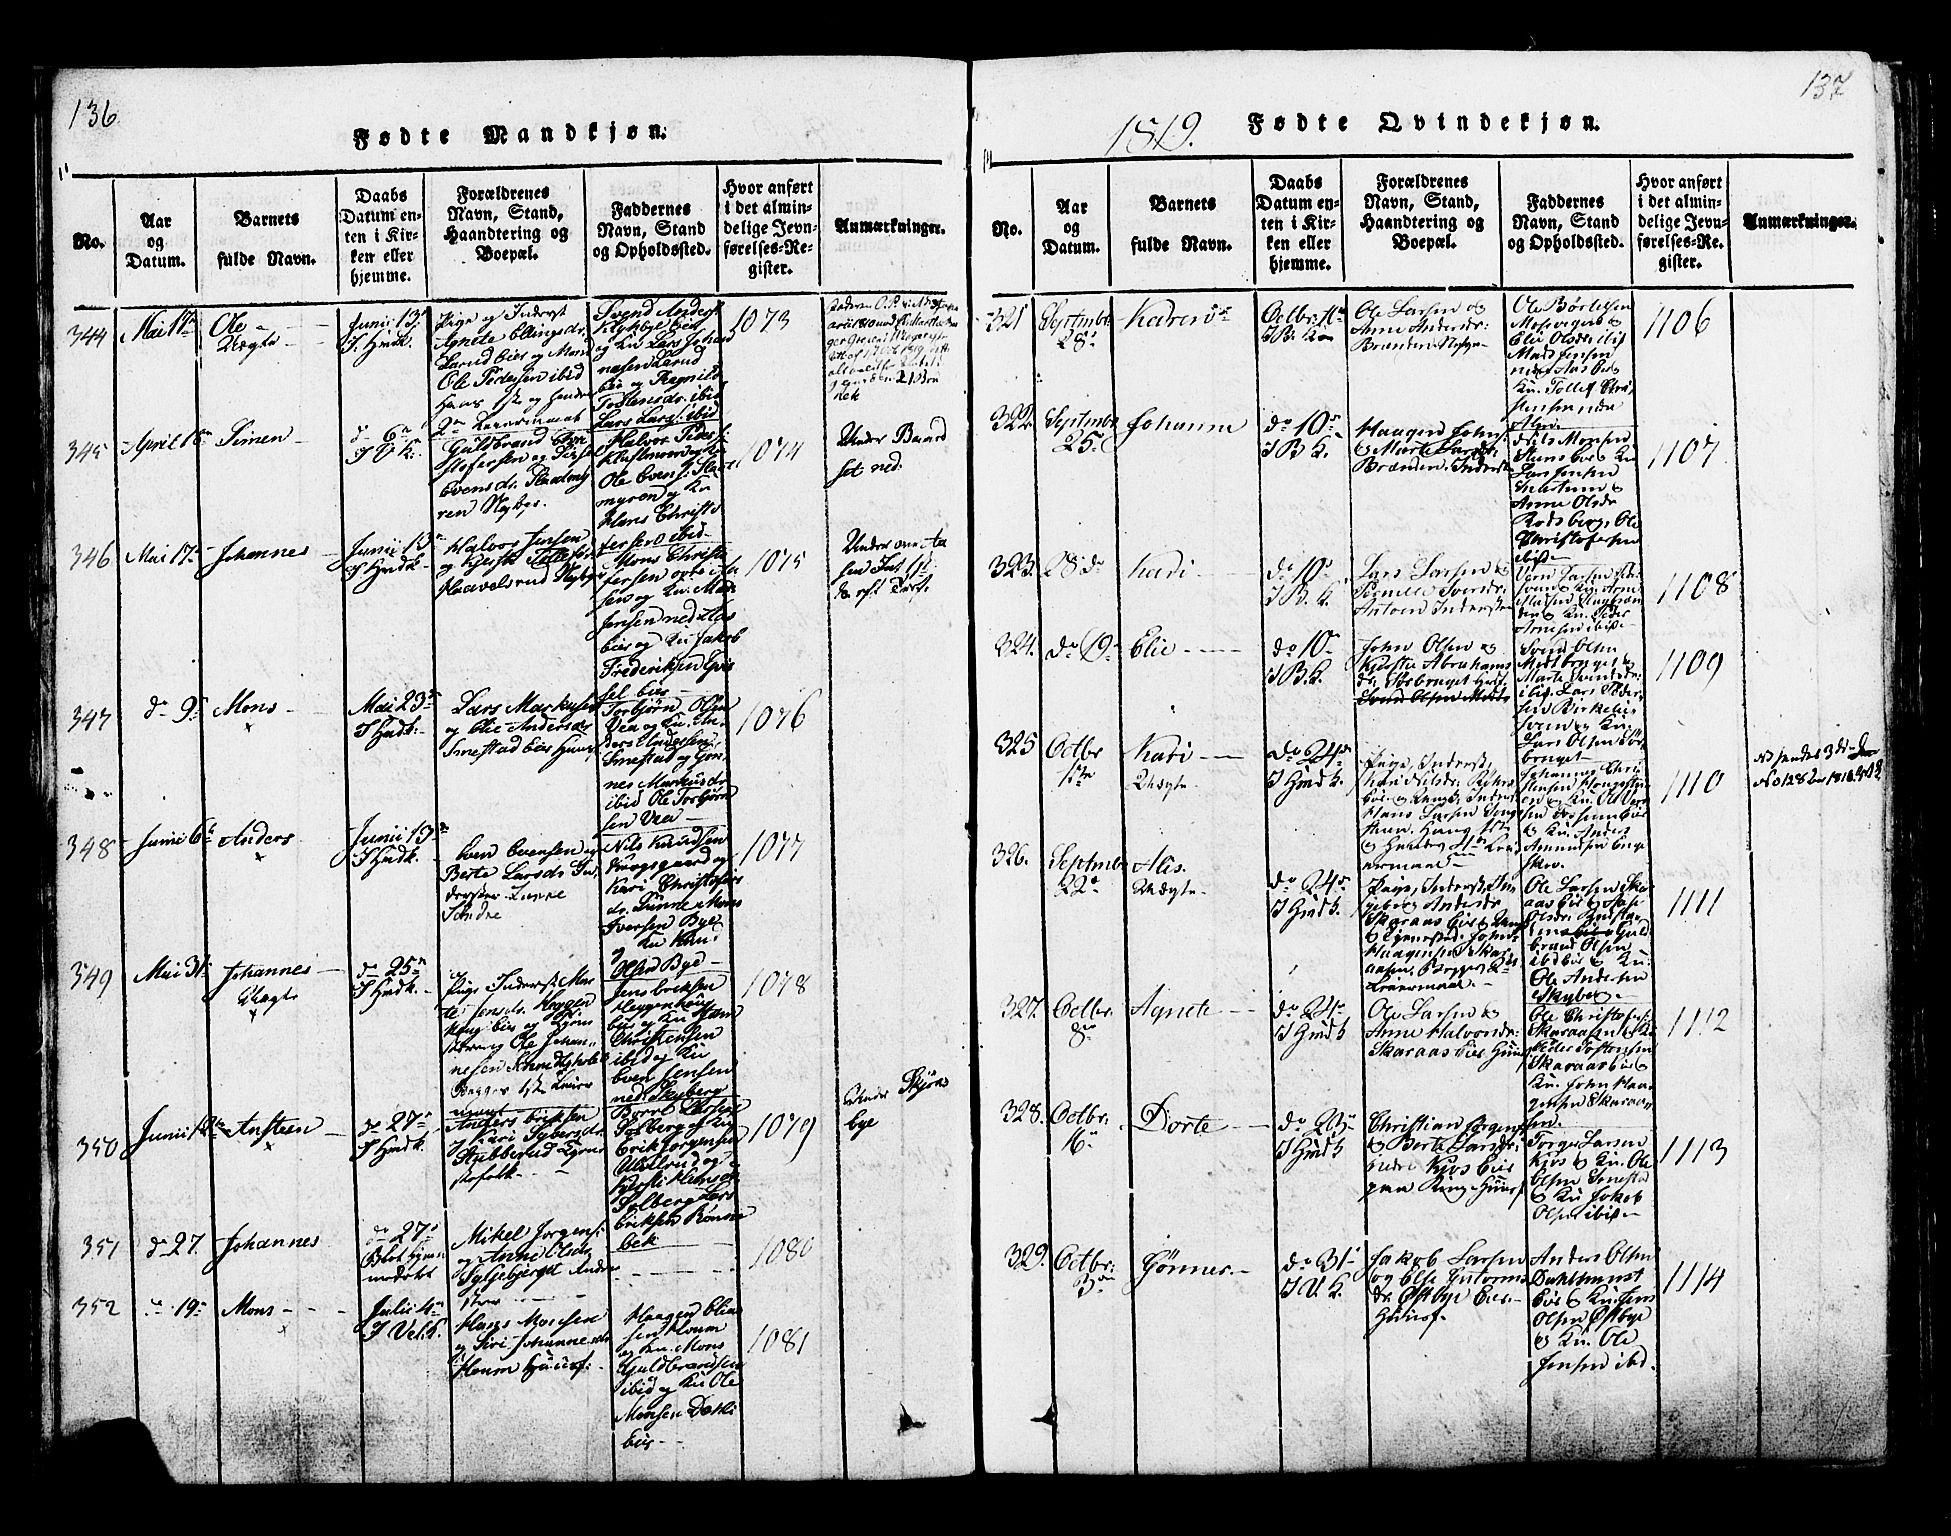 SAH, Ringsaker prestekontor, K/Ka/L0005: Ministerialbok nr. 5, 1814-1826, s. 136-137